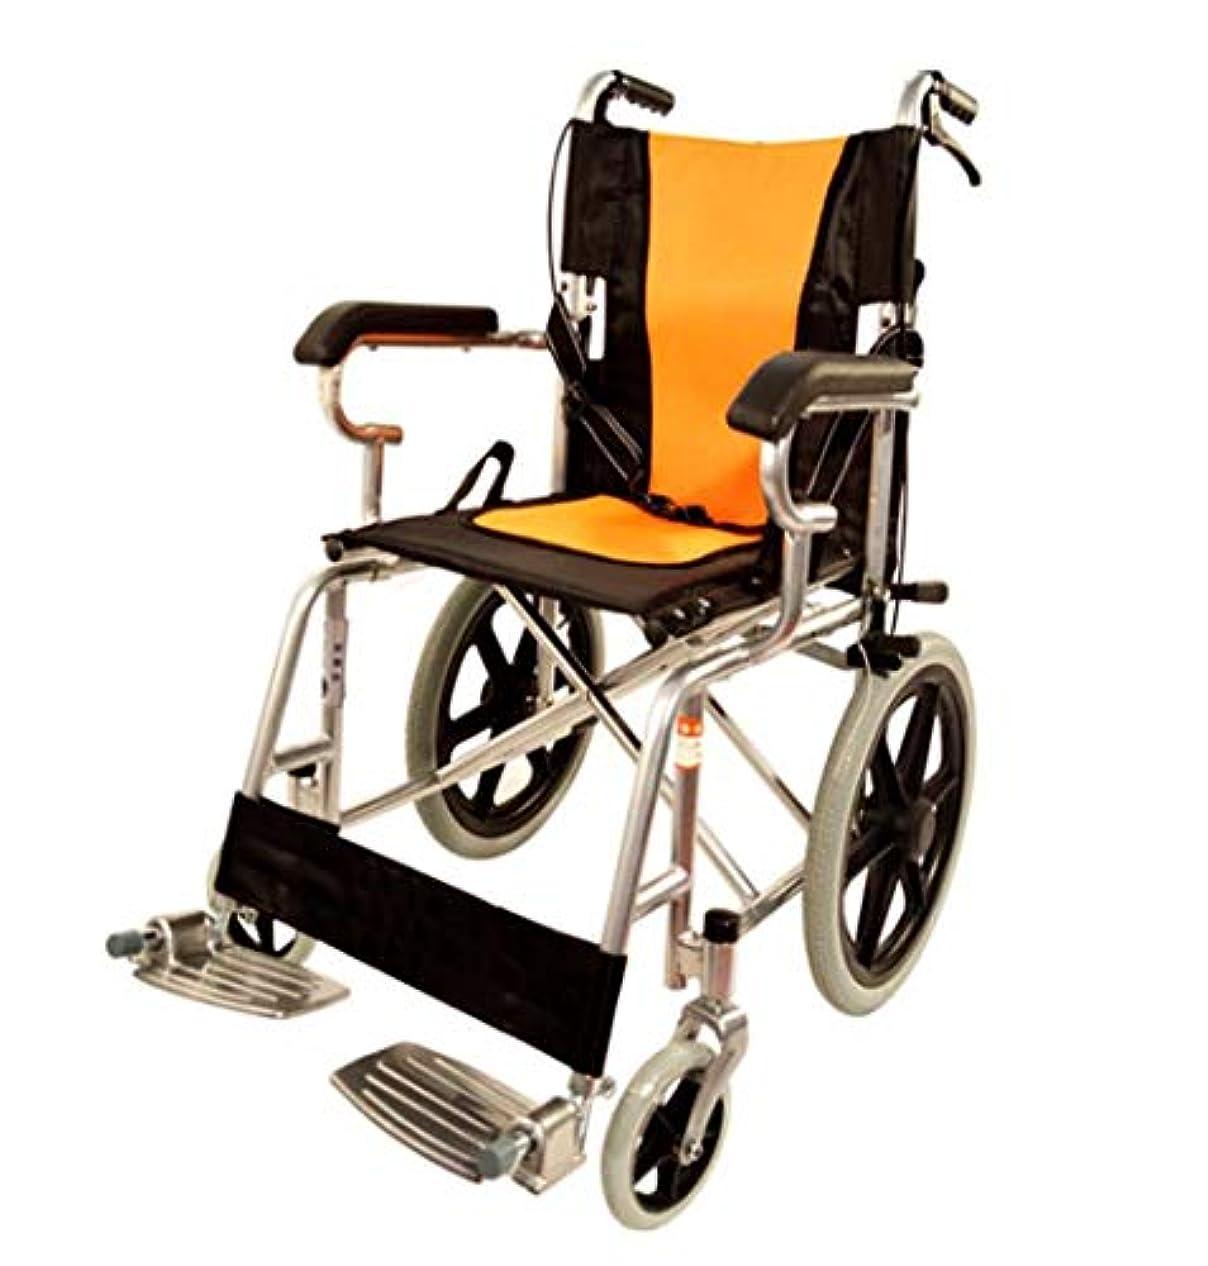 歯精通した畝間手動車椅子折り畳み式ポータブル高齢者車椅子厚手無効車椅子3D高通気性抗Anti瘡生地ソリッドスノータイヤ